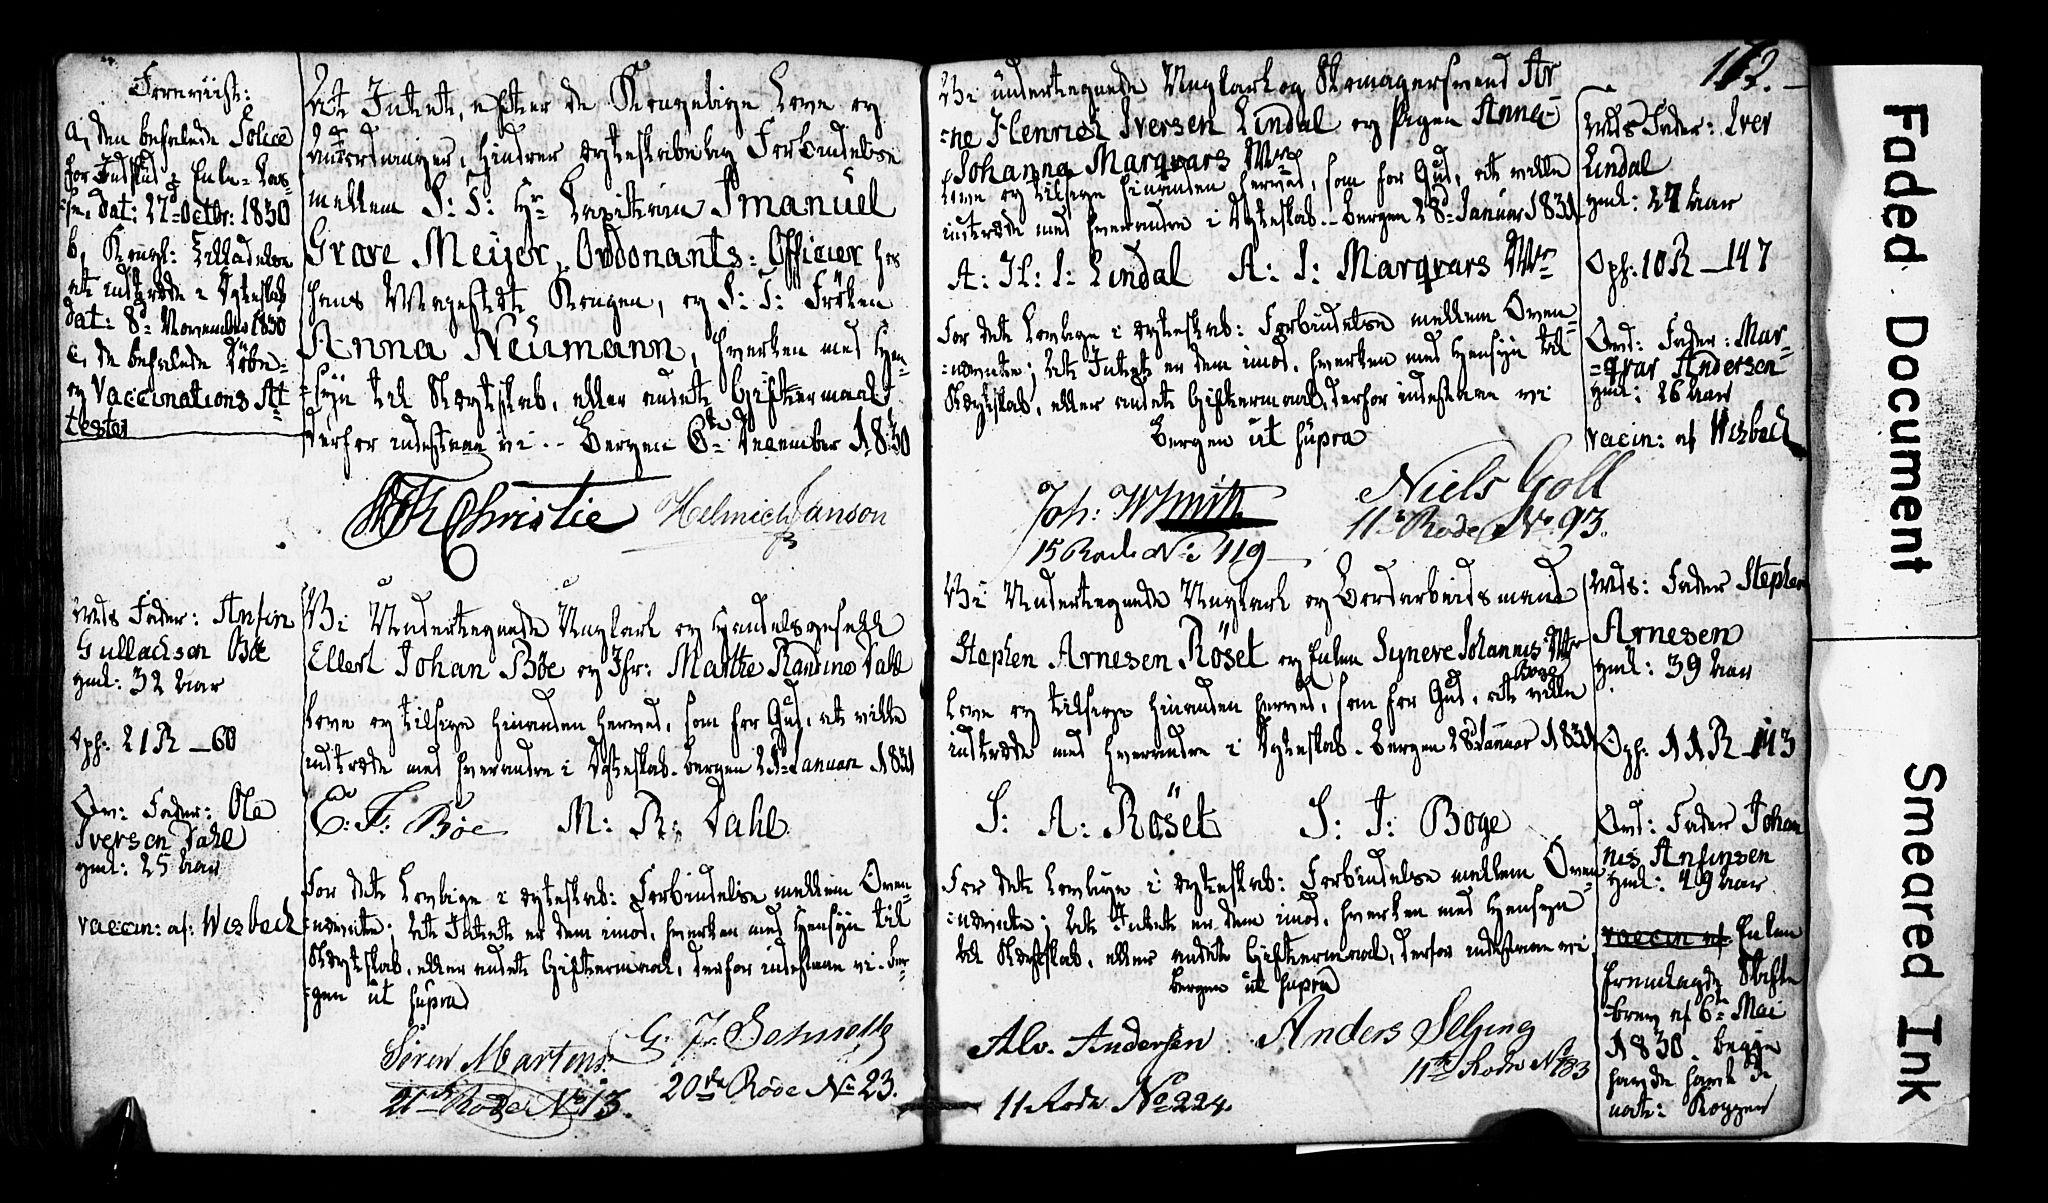 SAB, Domkirken Sokneprestembete, Forlovererklæringer nr. II.5.2, 1820-1832, s. 172